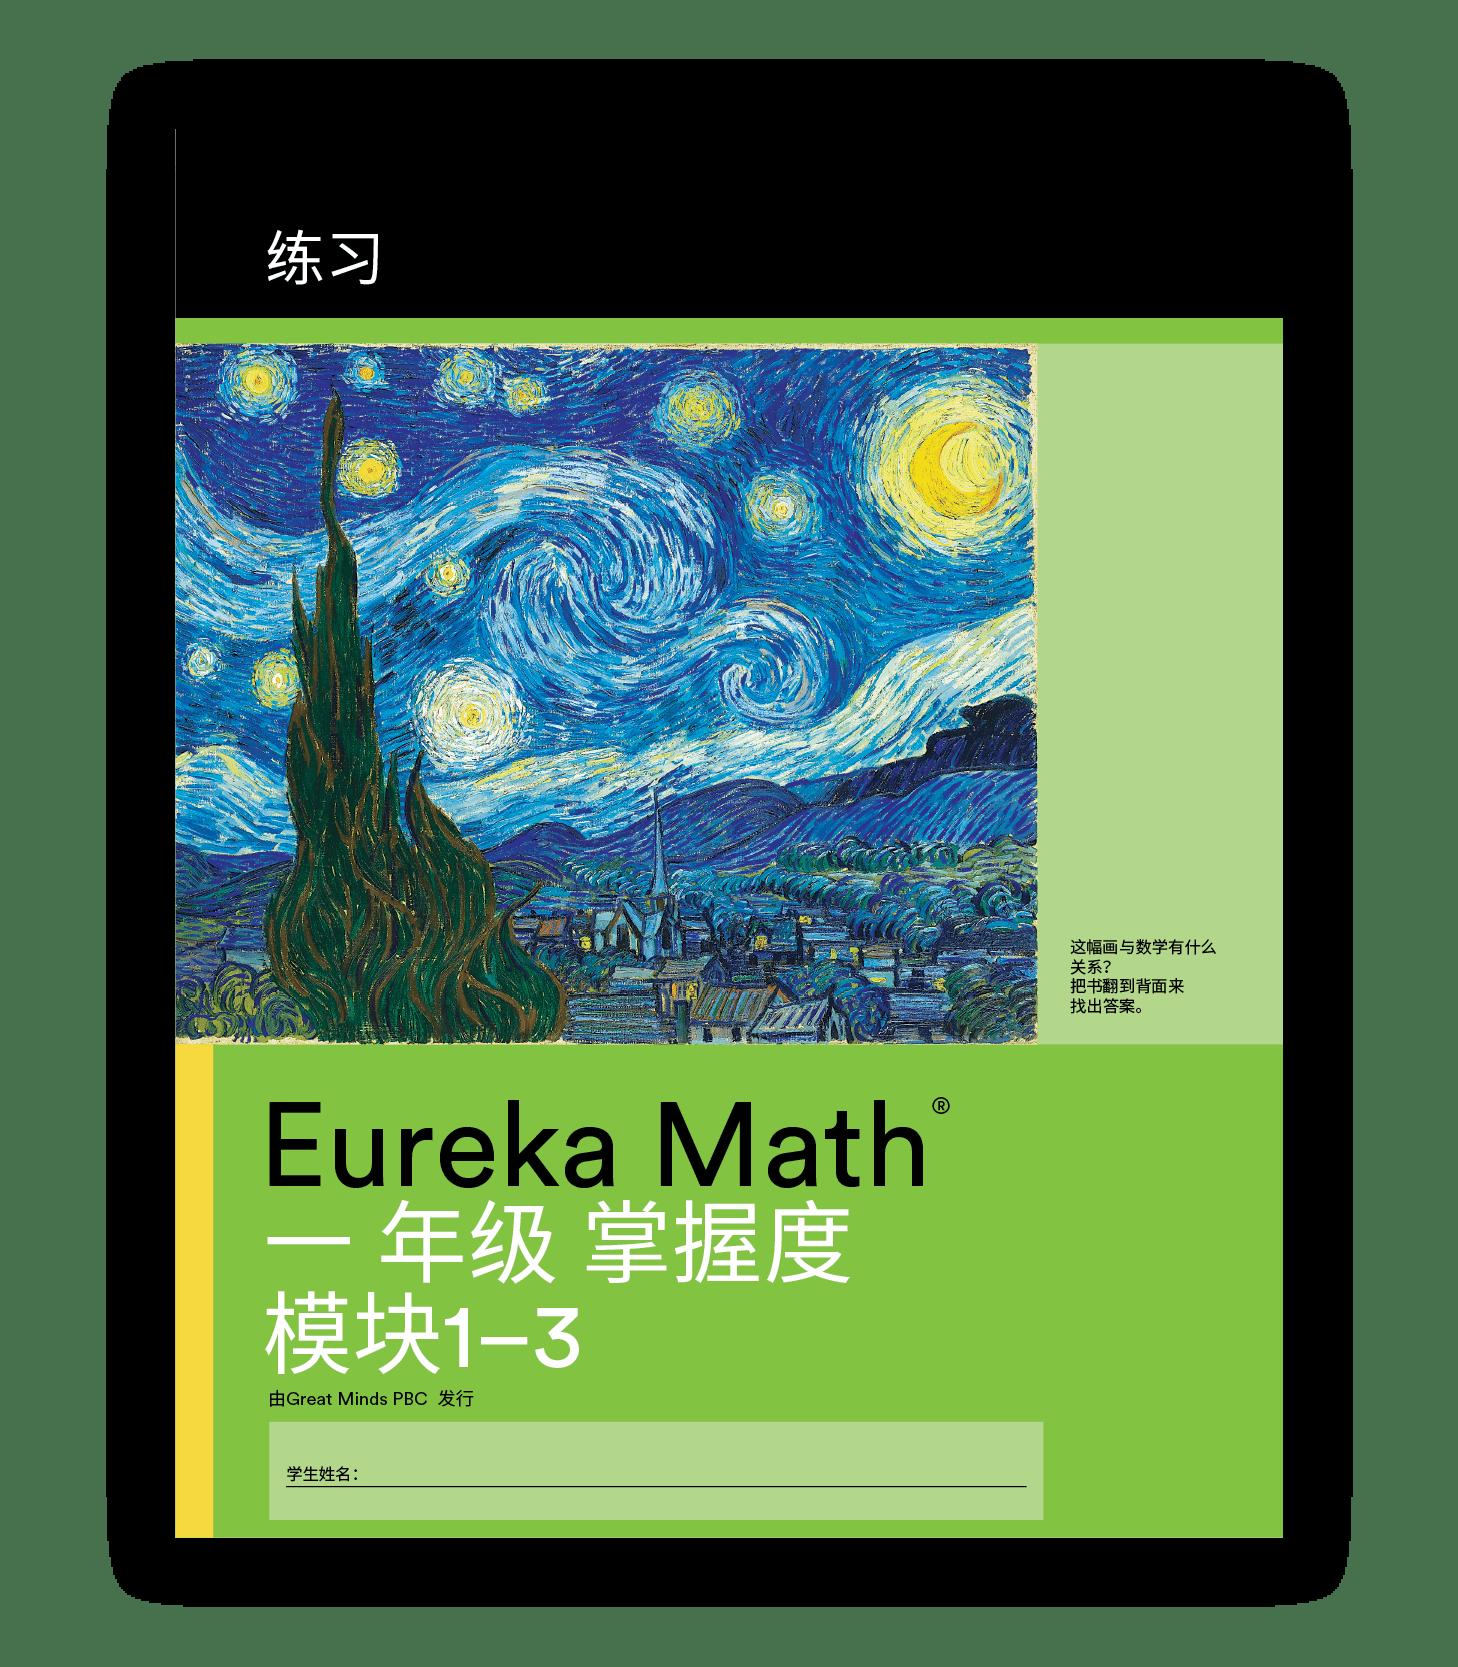 Eureka Math Practice Book in Mandarin for Grade 1